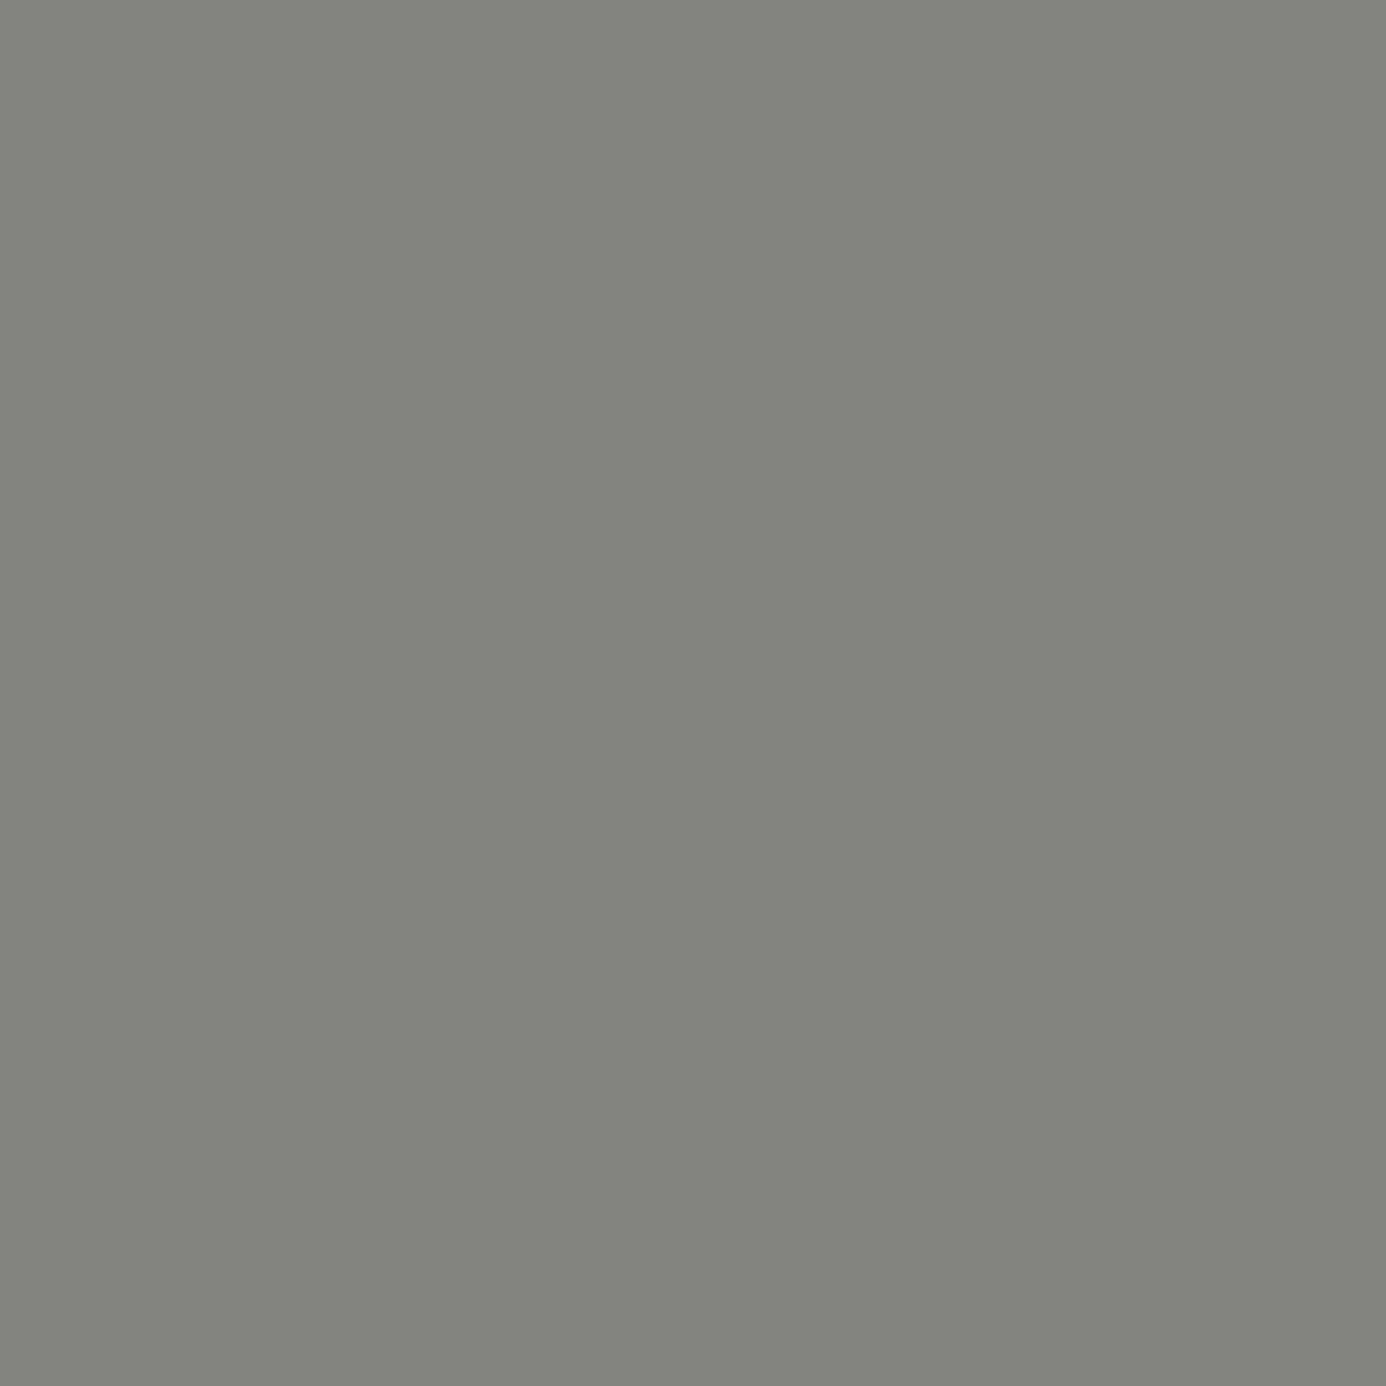 Empire Grey